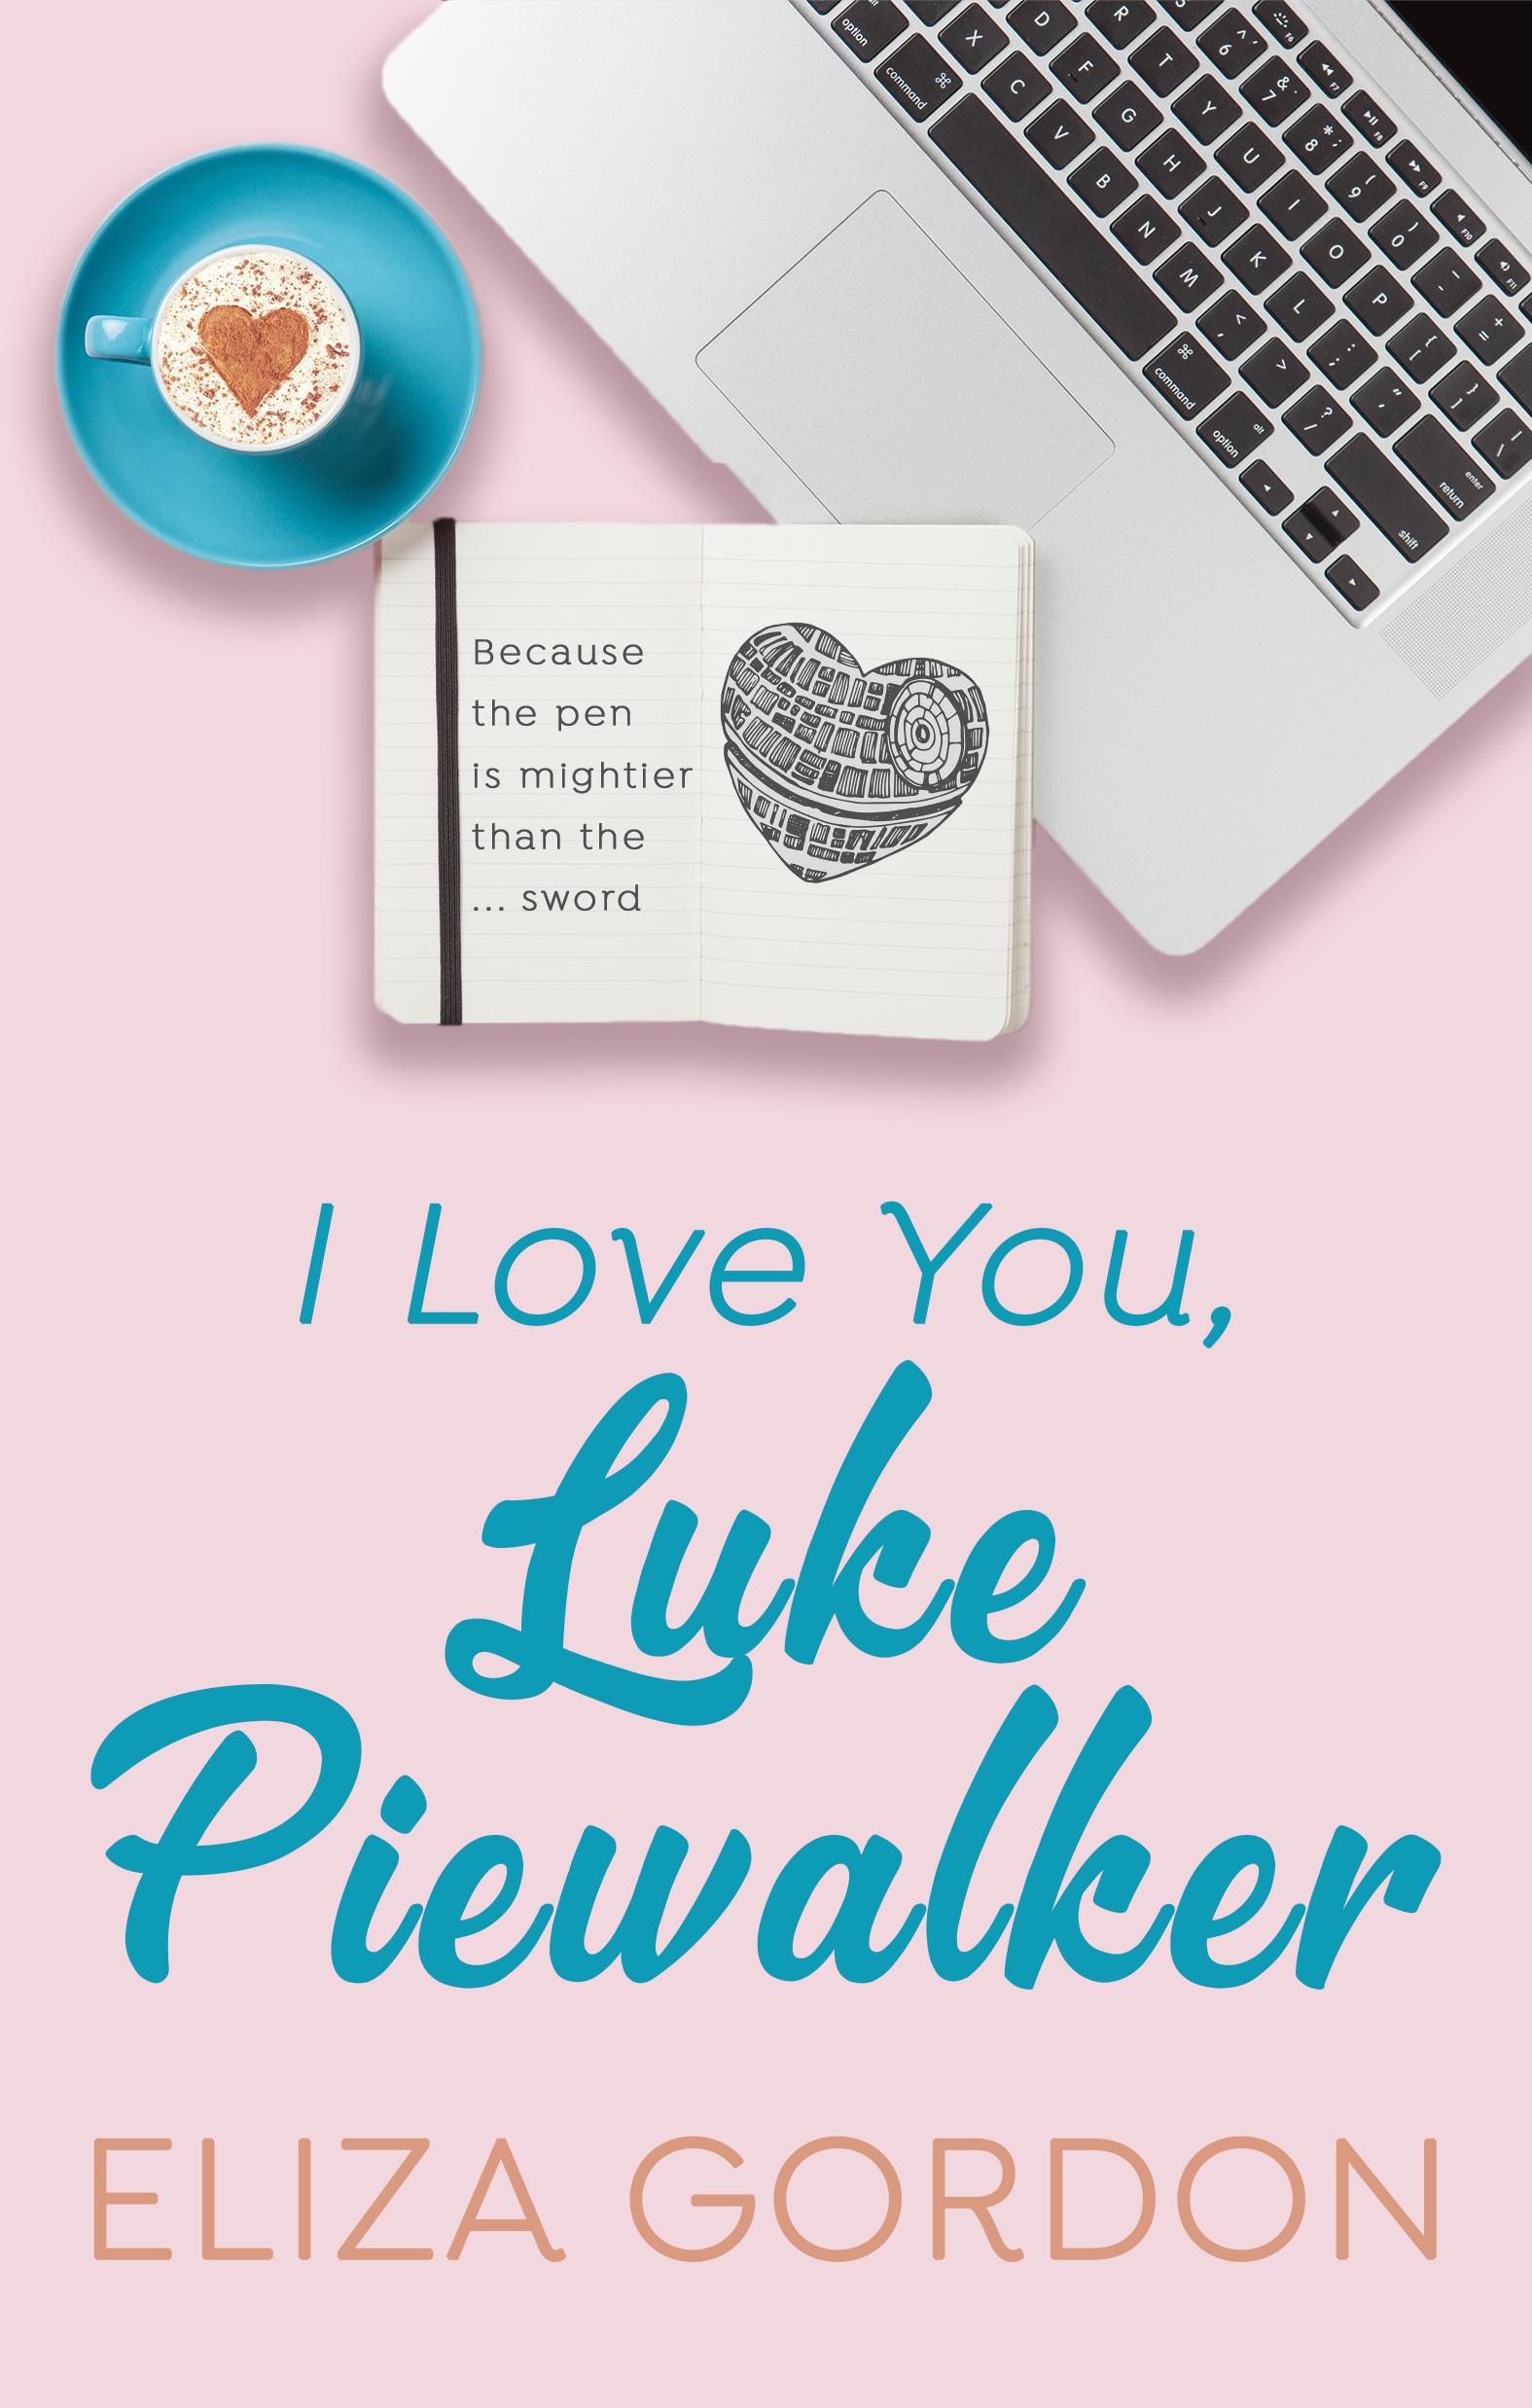 I Love You, Luke Piewalker.jpg